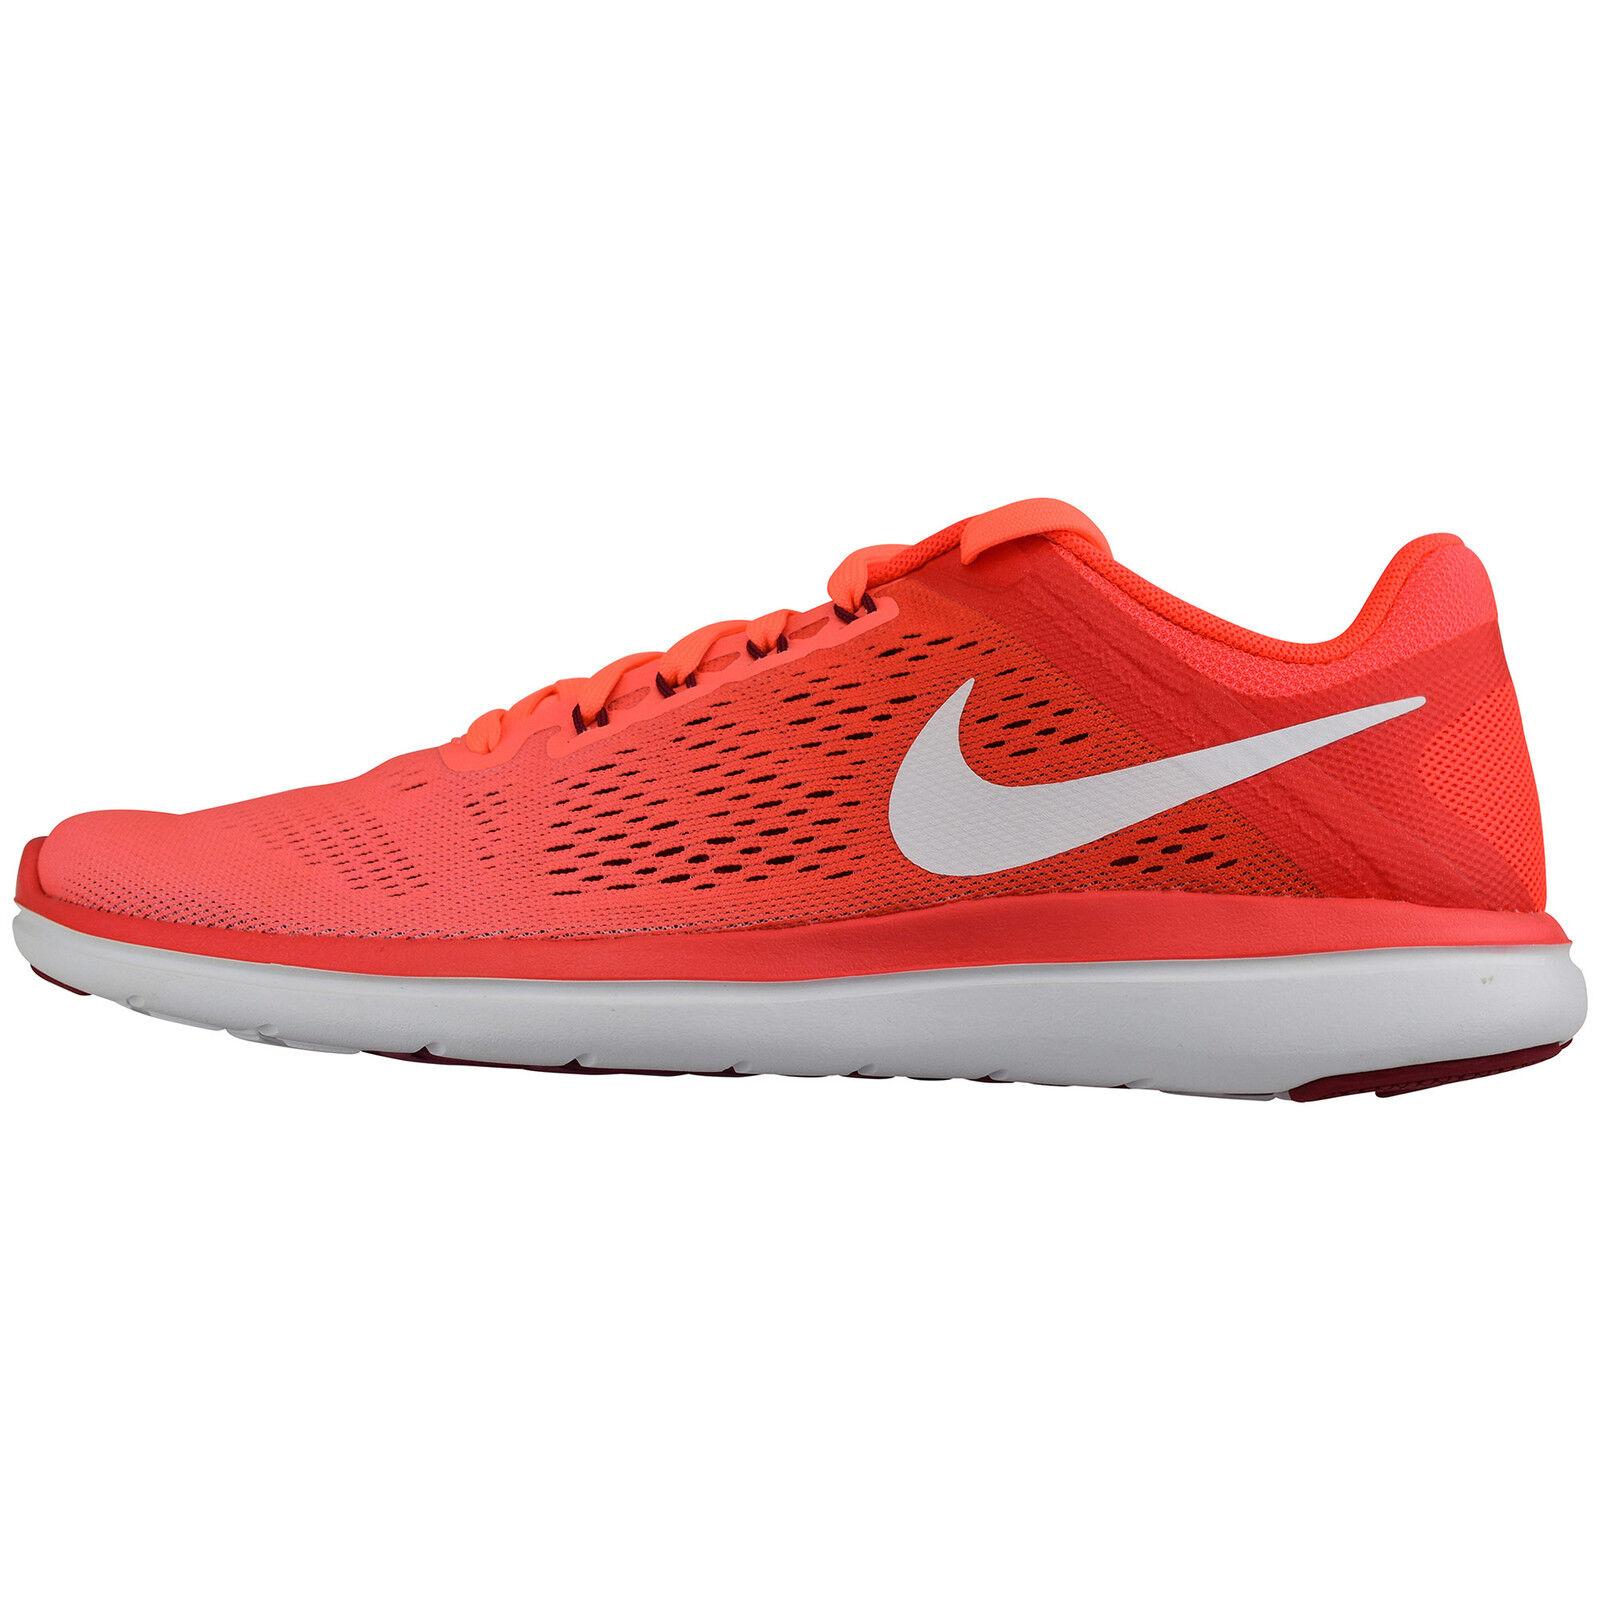 WMNS Nike Flex Rn 830751-800 Lifestyle Laufschuhe Running Freizeit Turnschuhe    | König der Quantität